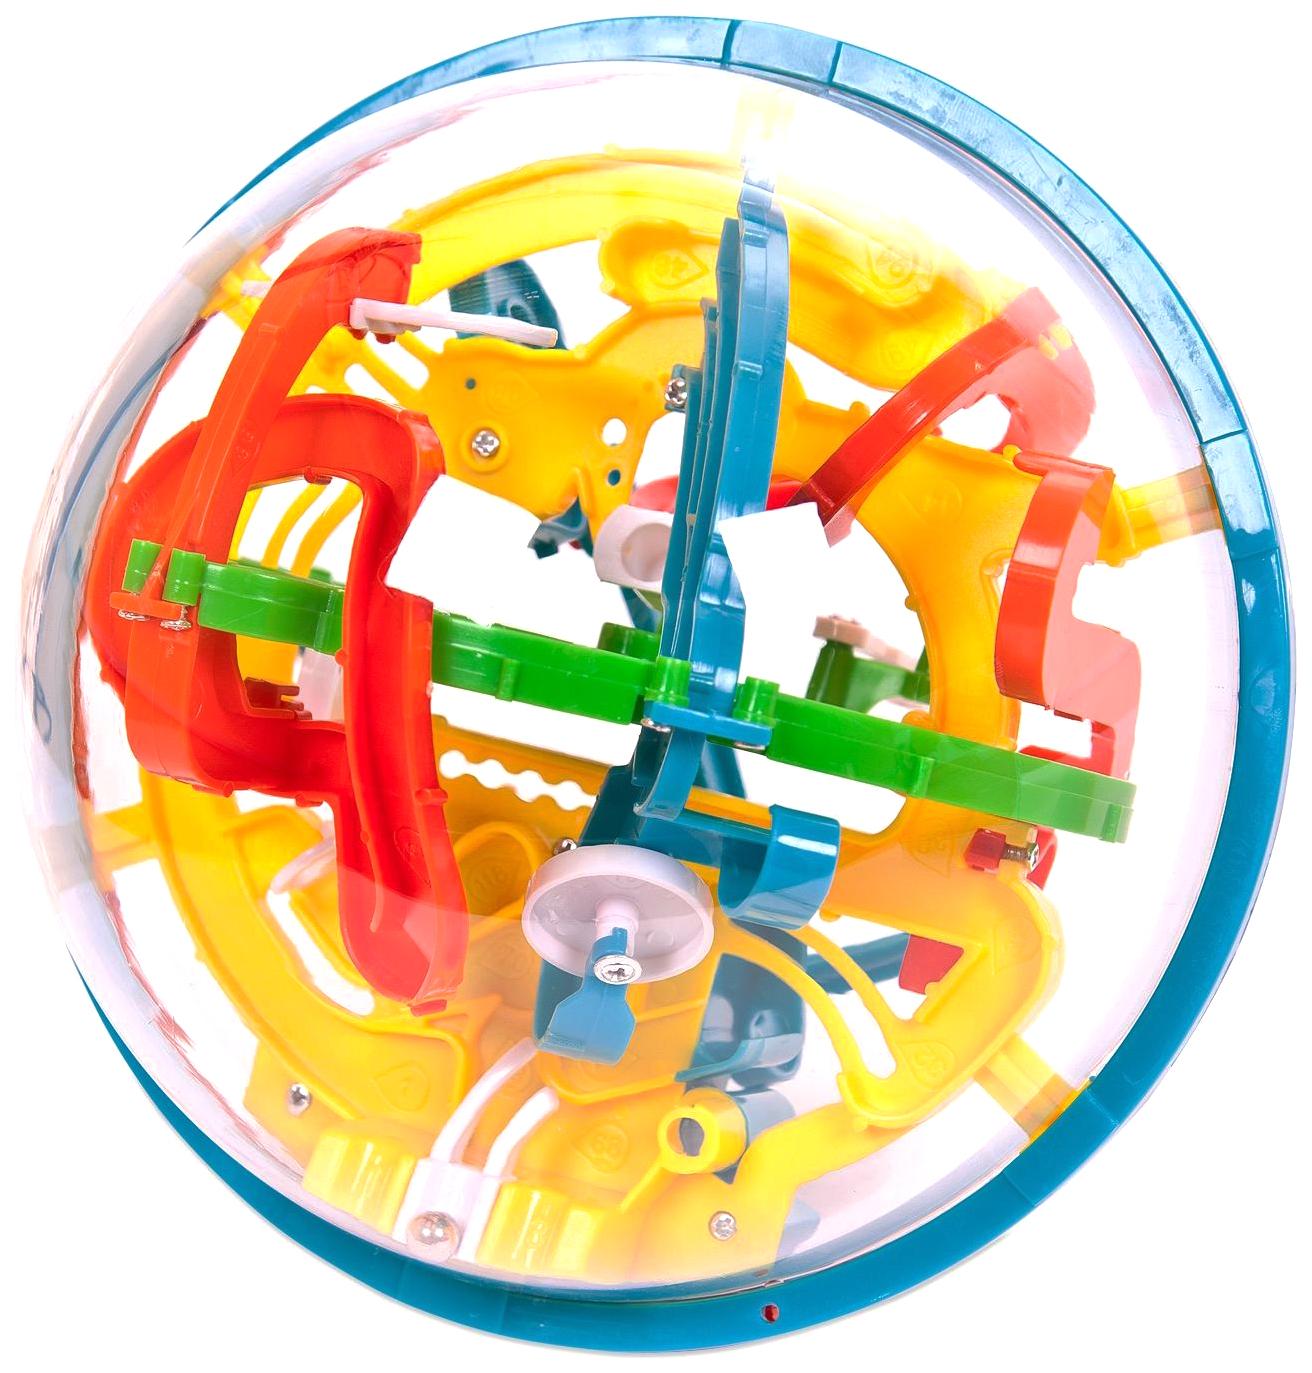 Купить Интеллектуальный шар 3D Abtoys 118 барьеров диаметр лабиринта 16 см, Игрушки головоломки